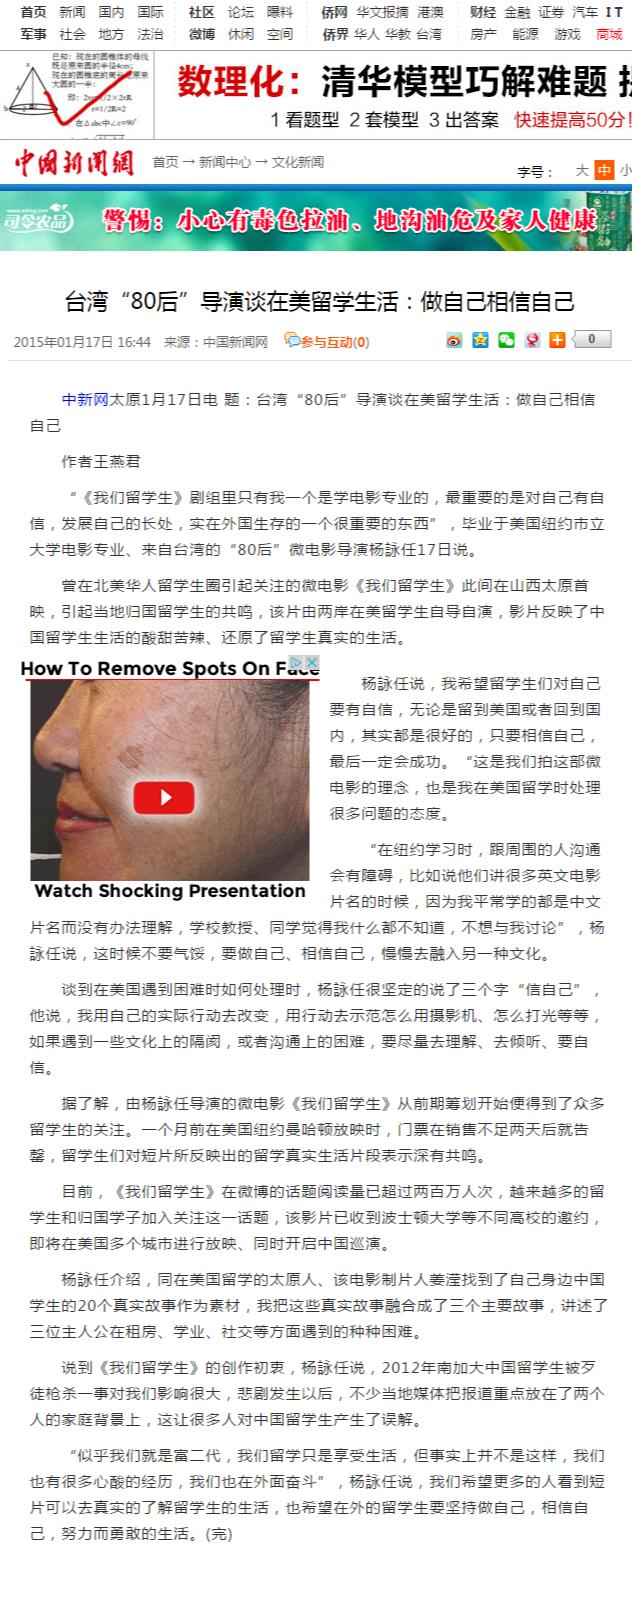 China News 1/17/2015